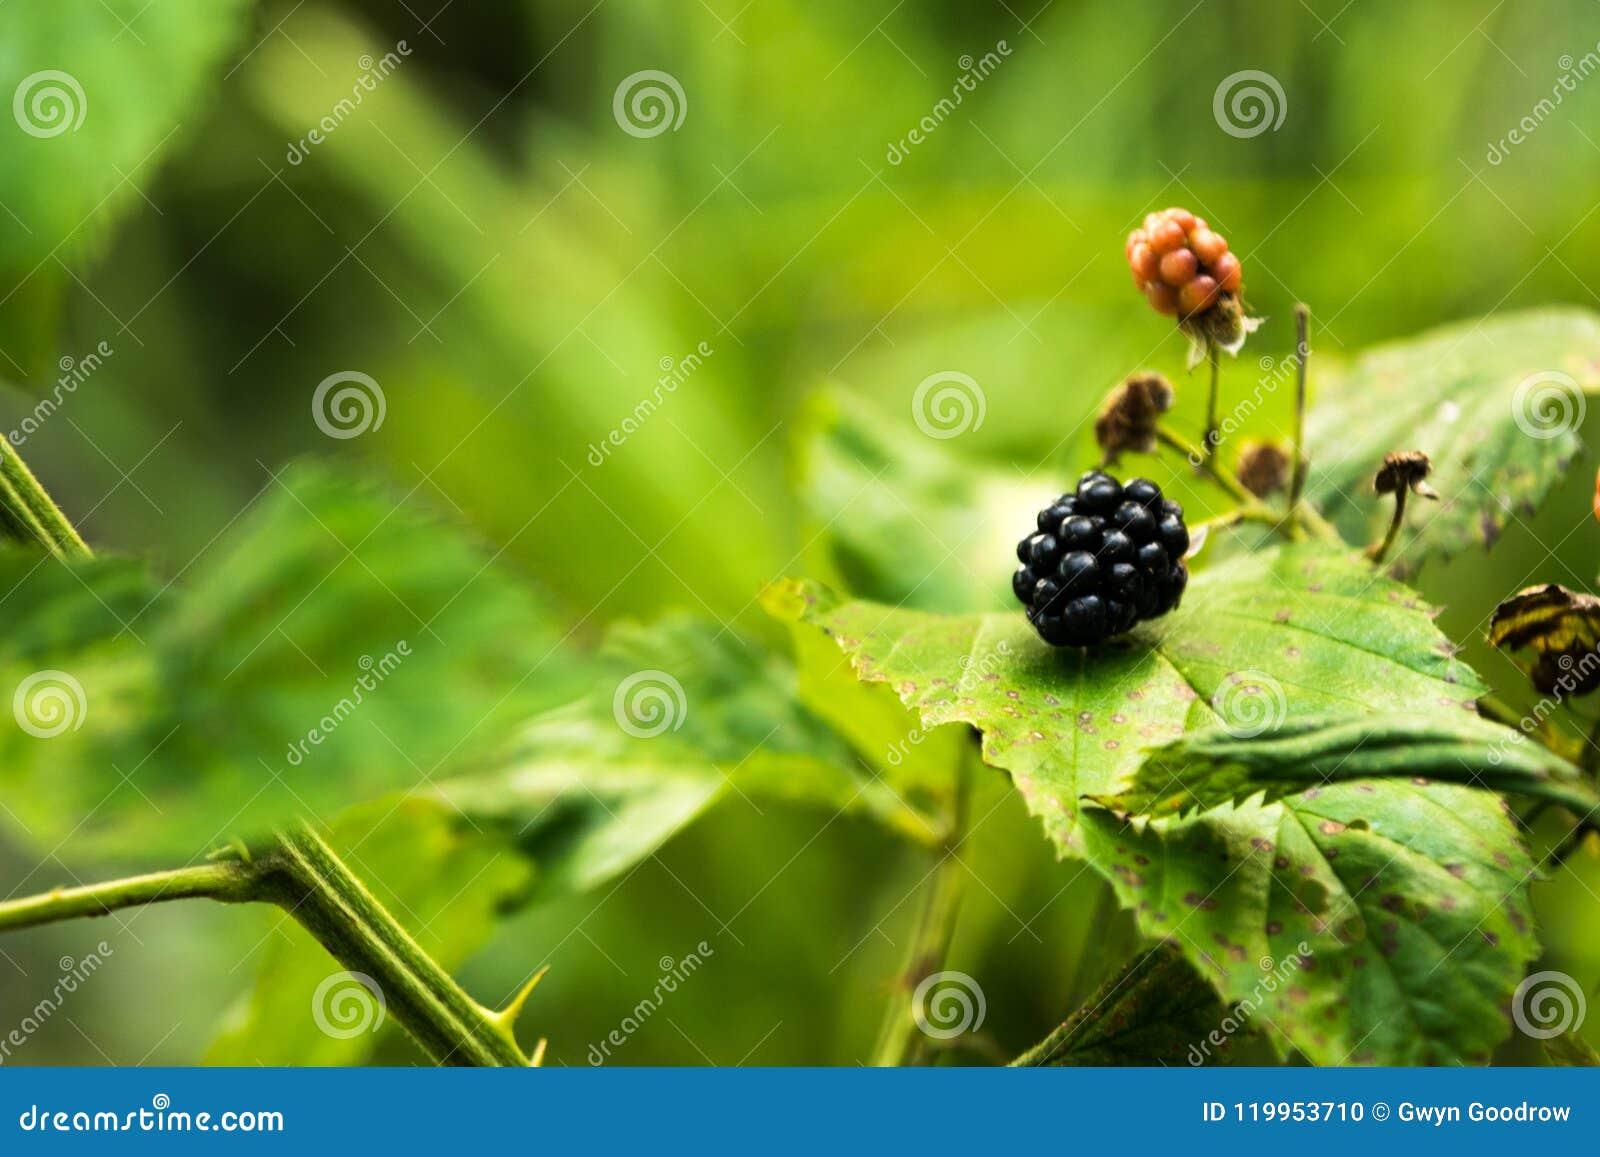 Blacberries op wijnstok met natuurlijk gebladerte